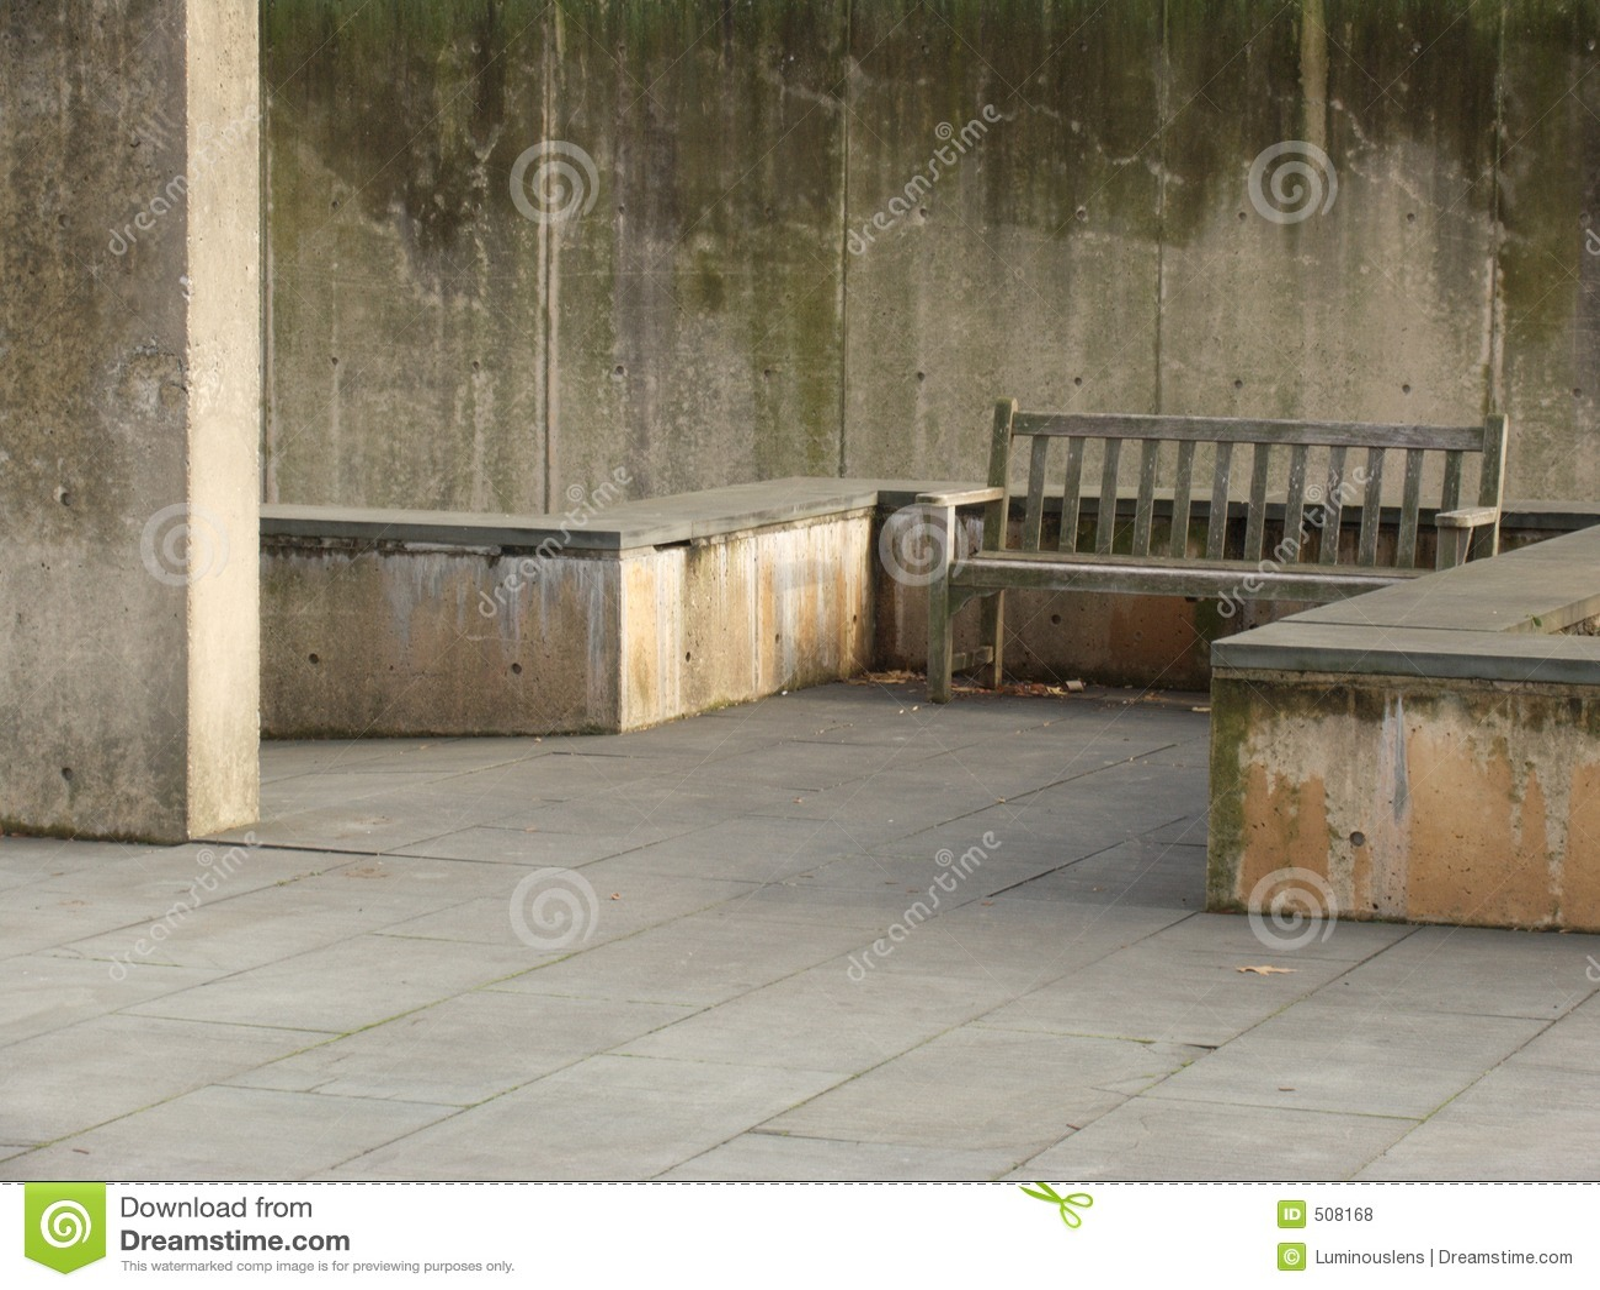 banco de concreto para jardim em jundiai : banco de concreto para jardim em jundiai:Concrete Garden Bench